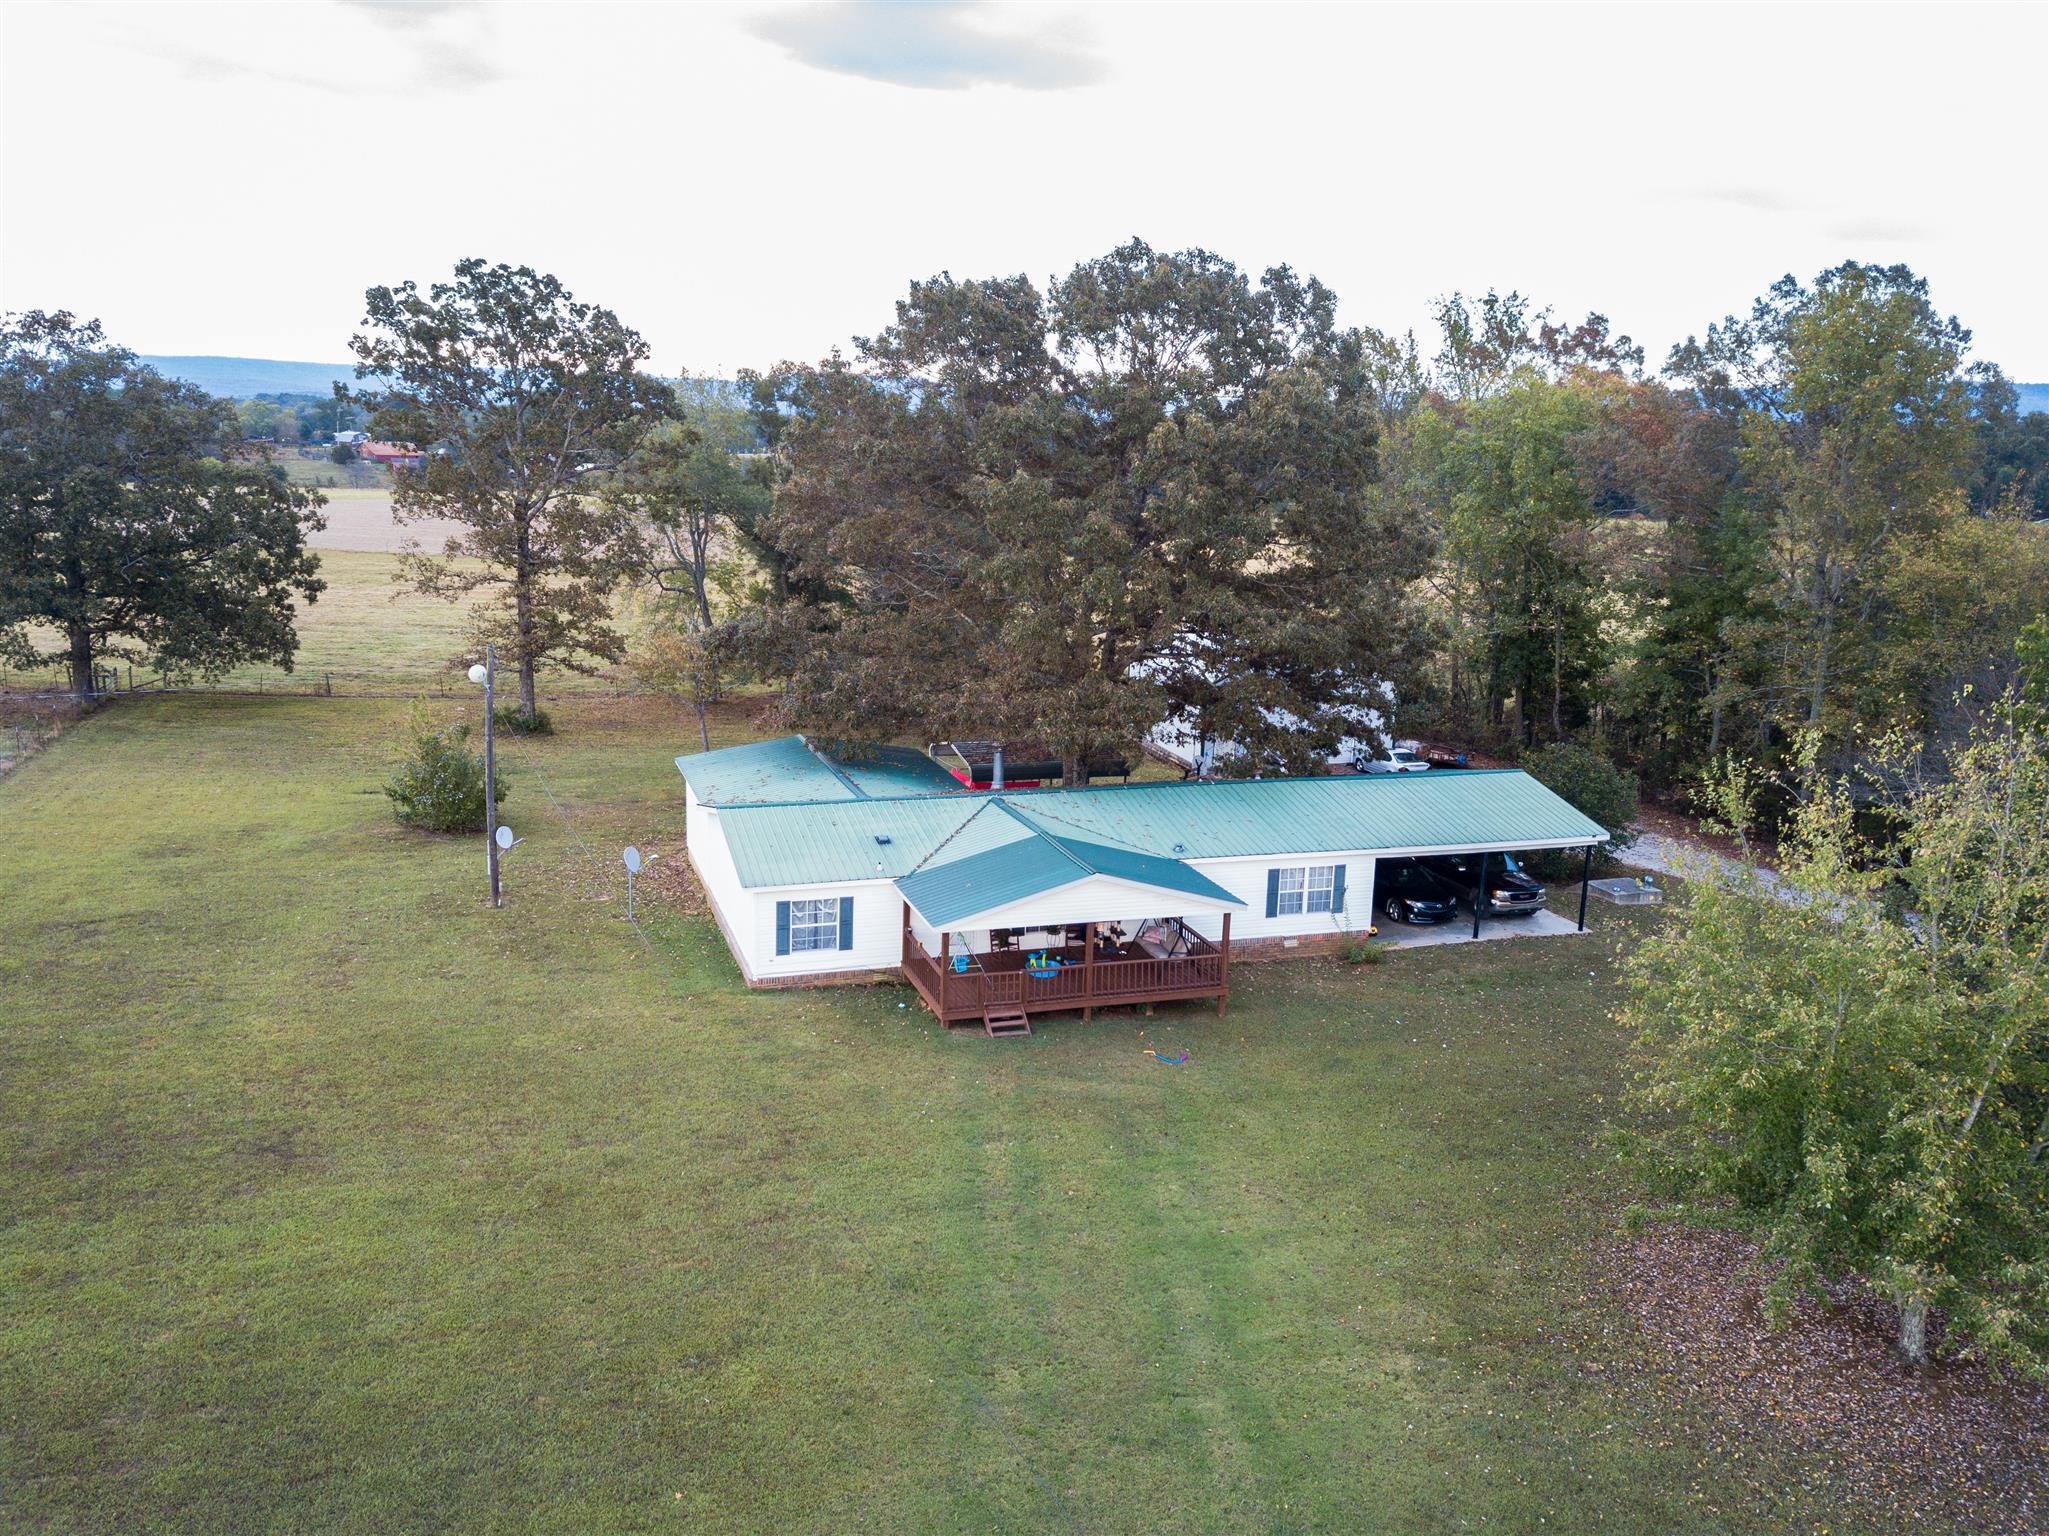 394 Stagecoach Dr, Huntland, TN 37345 - Huntland, TN real estate listing